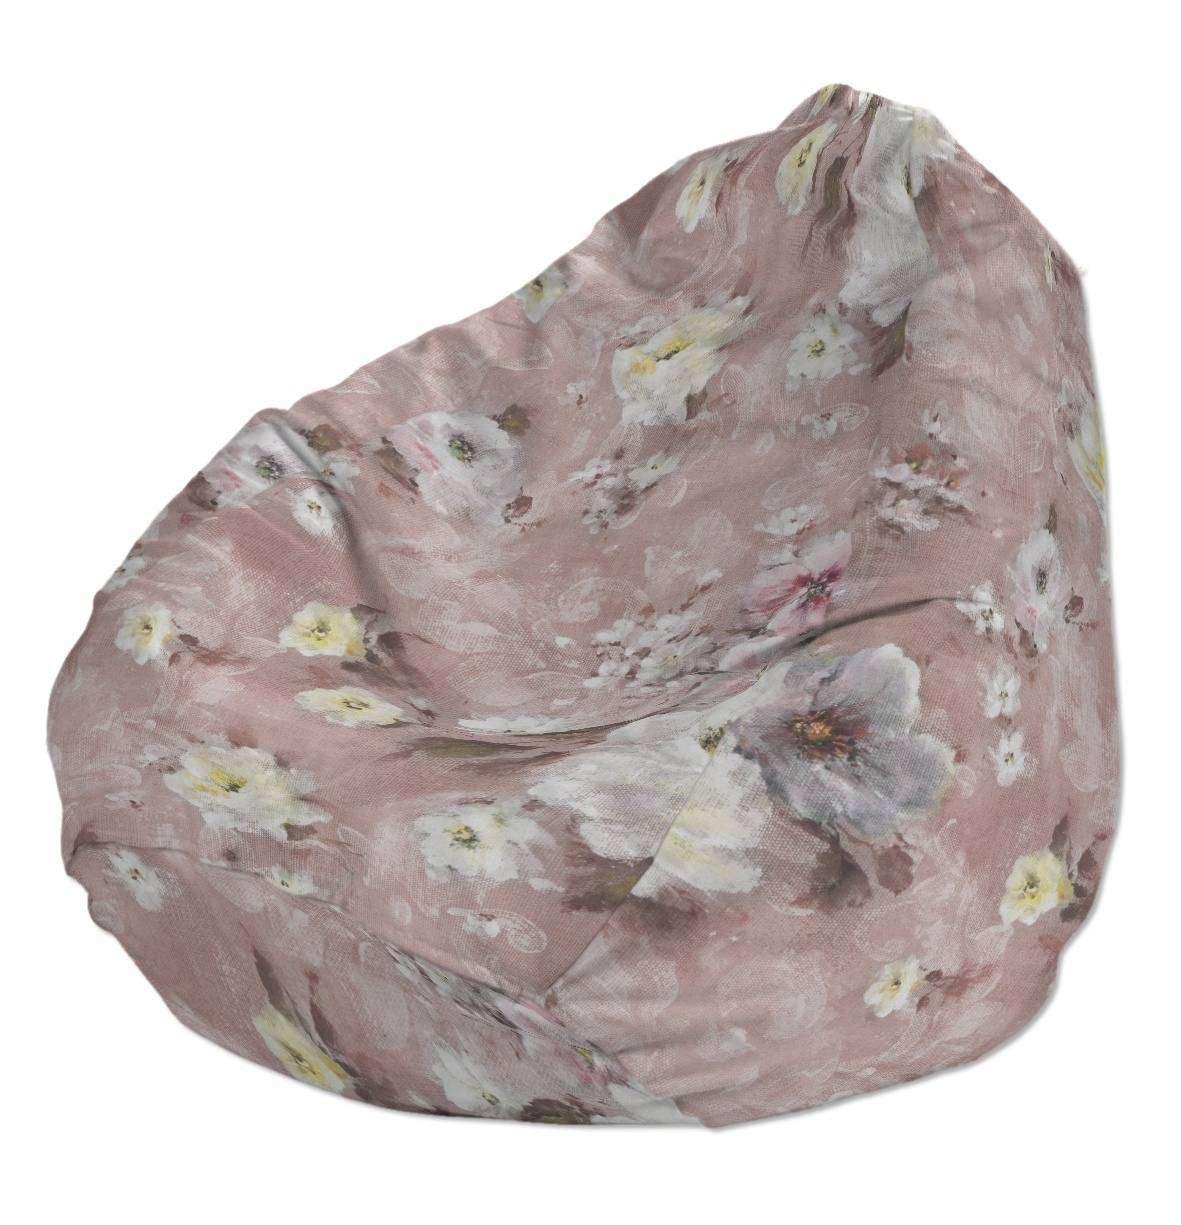 Pokrowiec na worek do siedzenia pokrowiec Ø50x85cm w kolekcji Monet, tkanina: 137-83